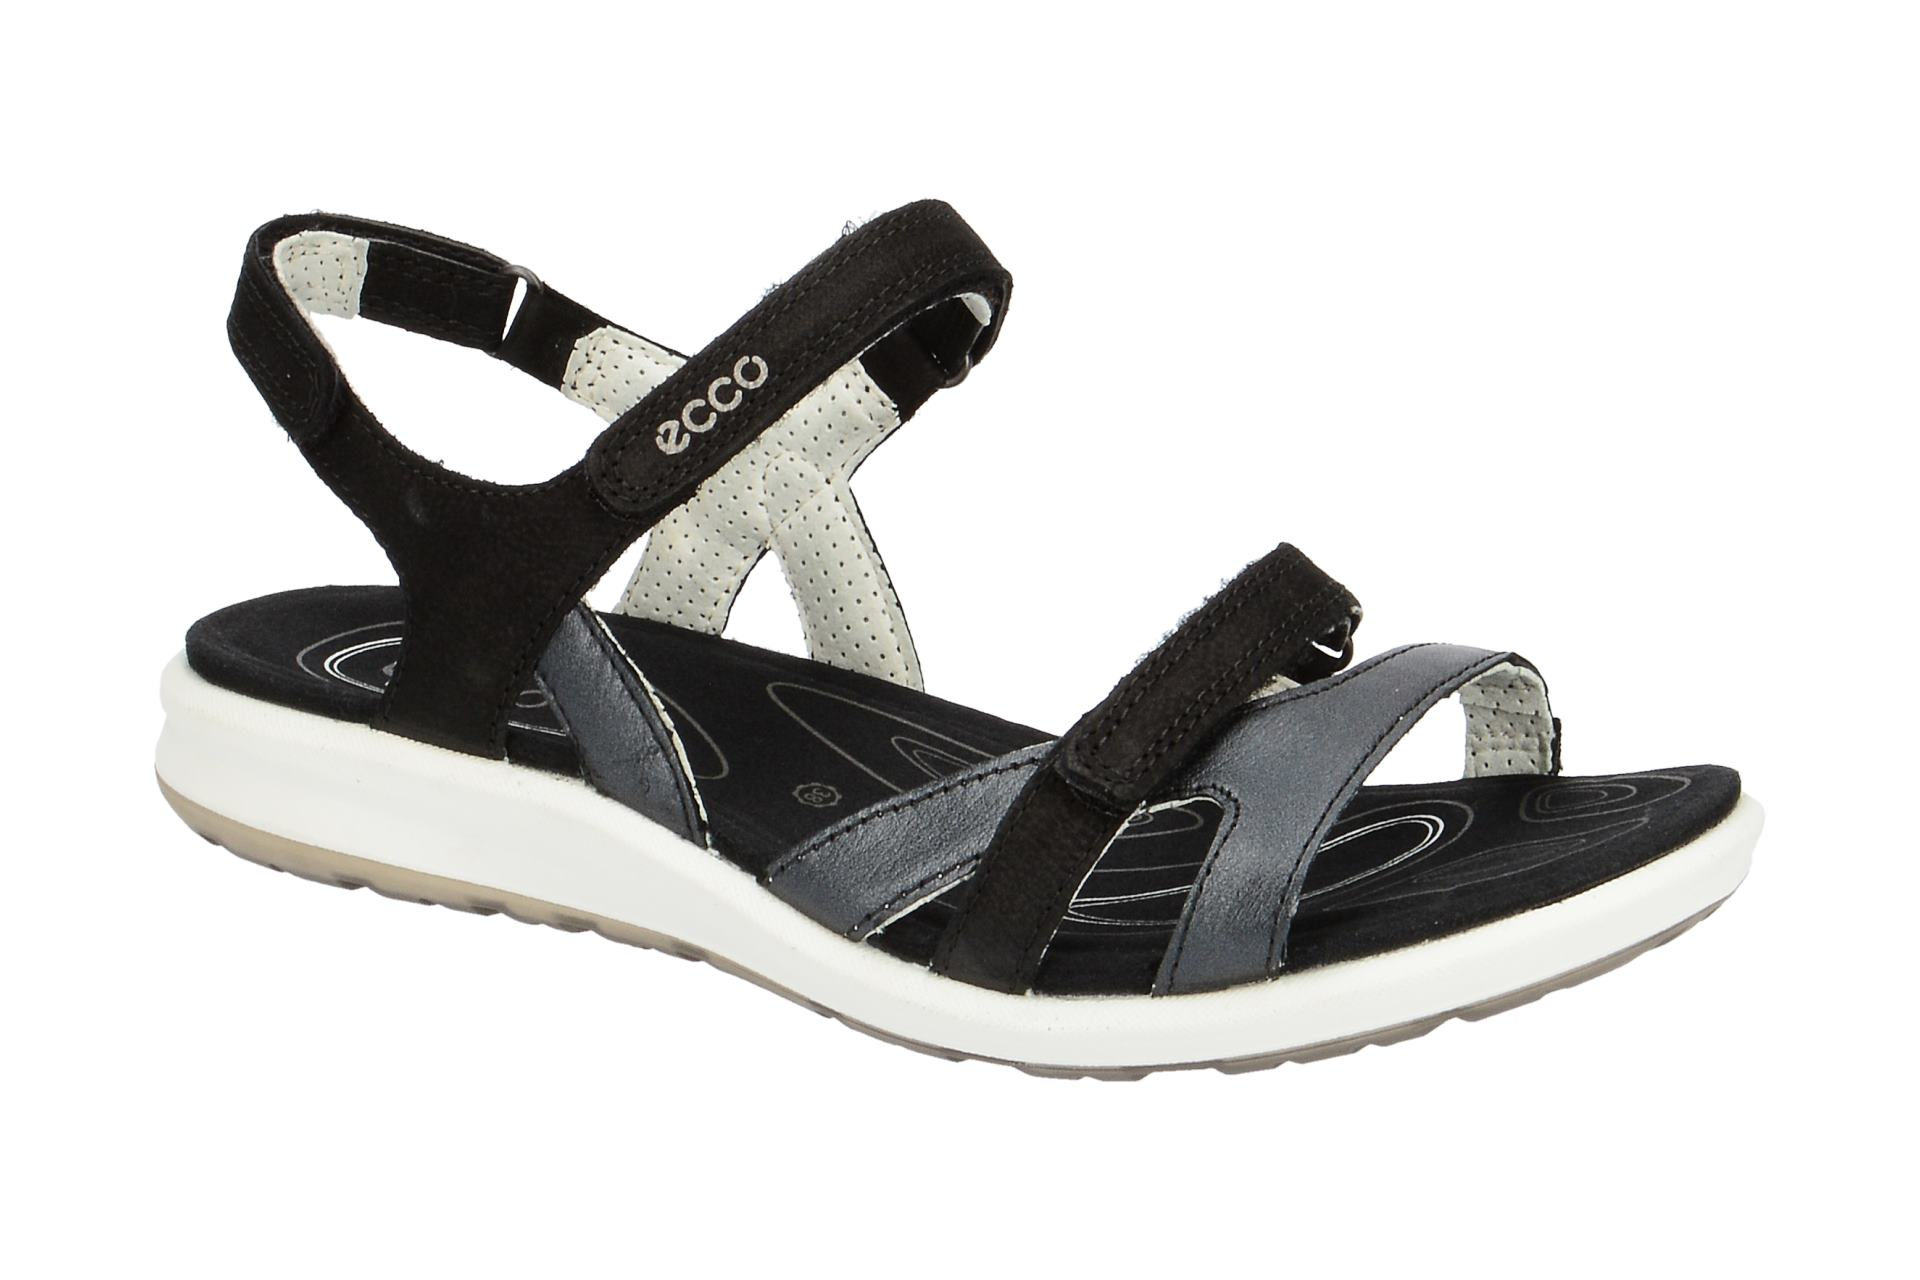 Sandalette Schuhe CRUISE II Ecco Riemchen Sandalen schwarz